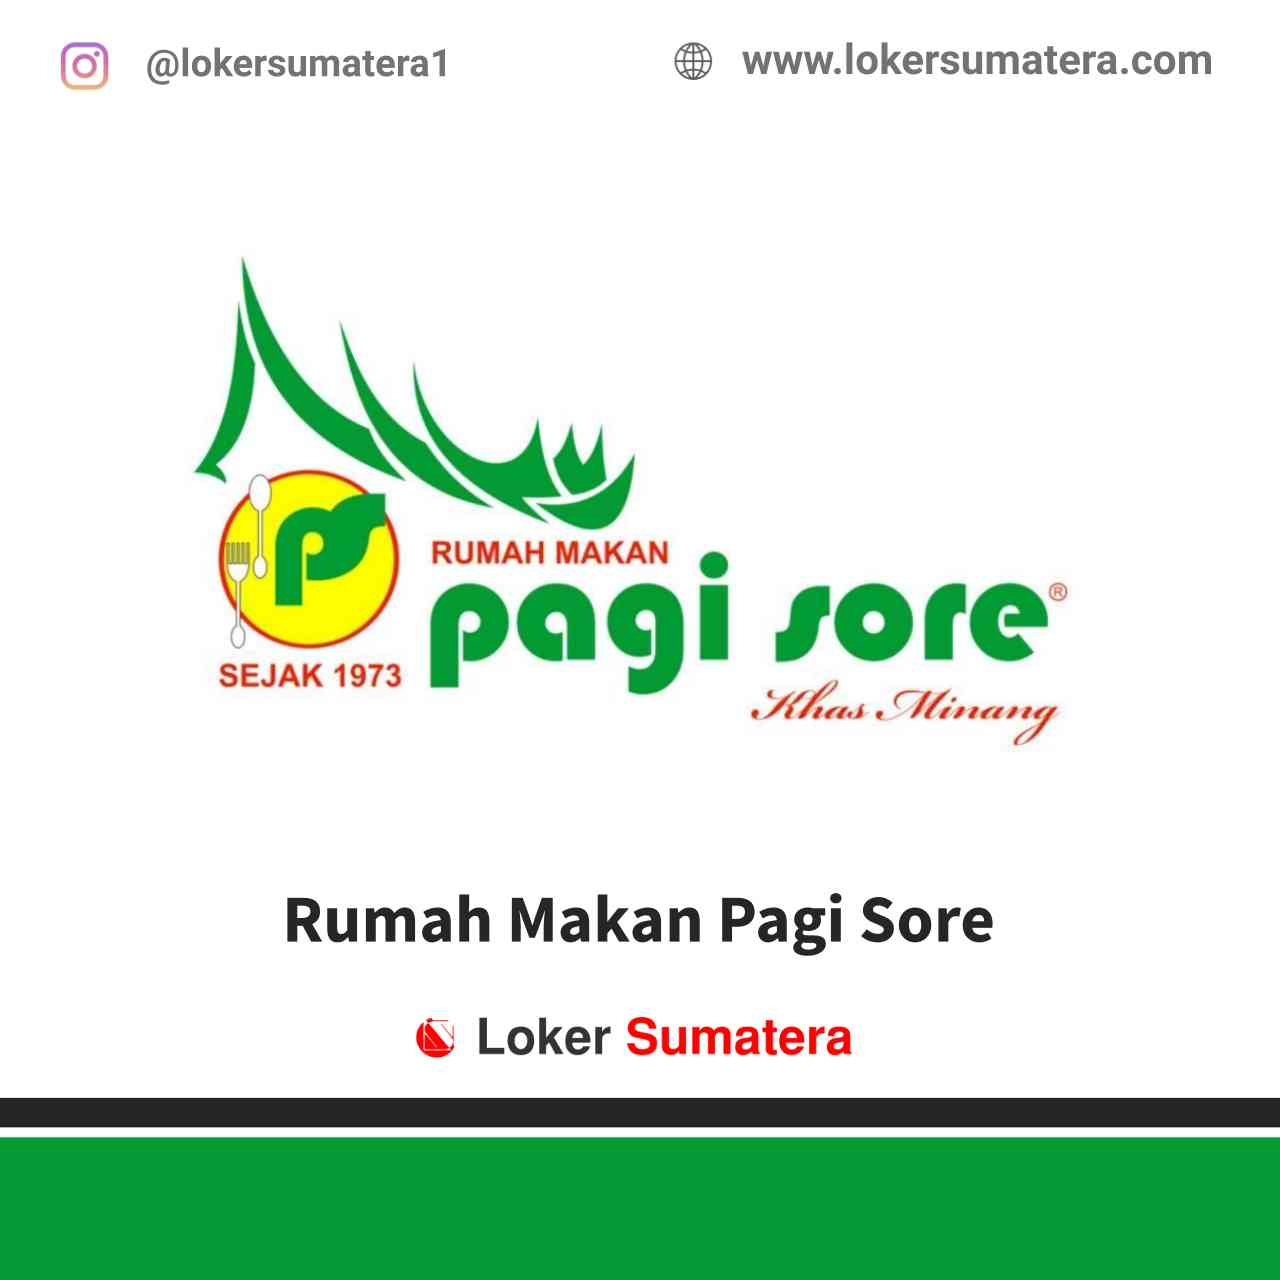 Rumah Makan Pagi Sore Palembang